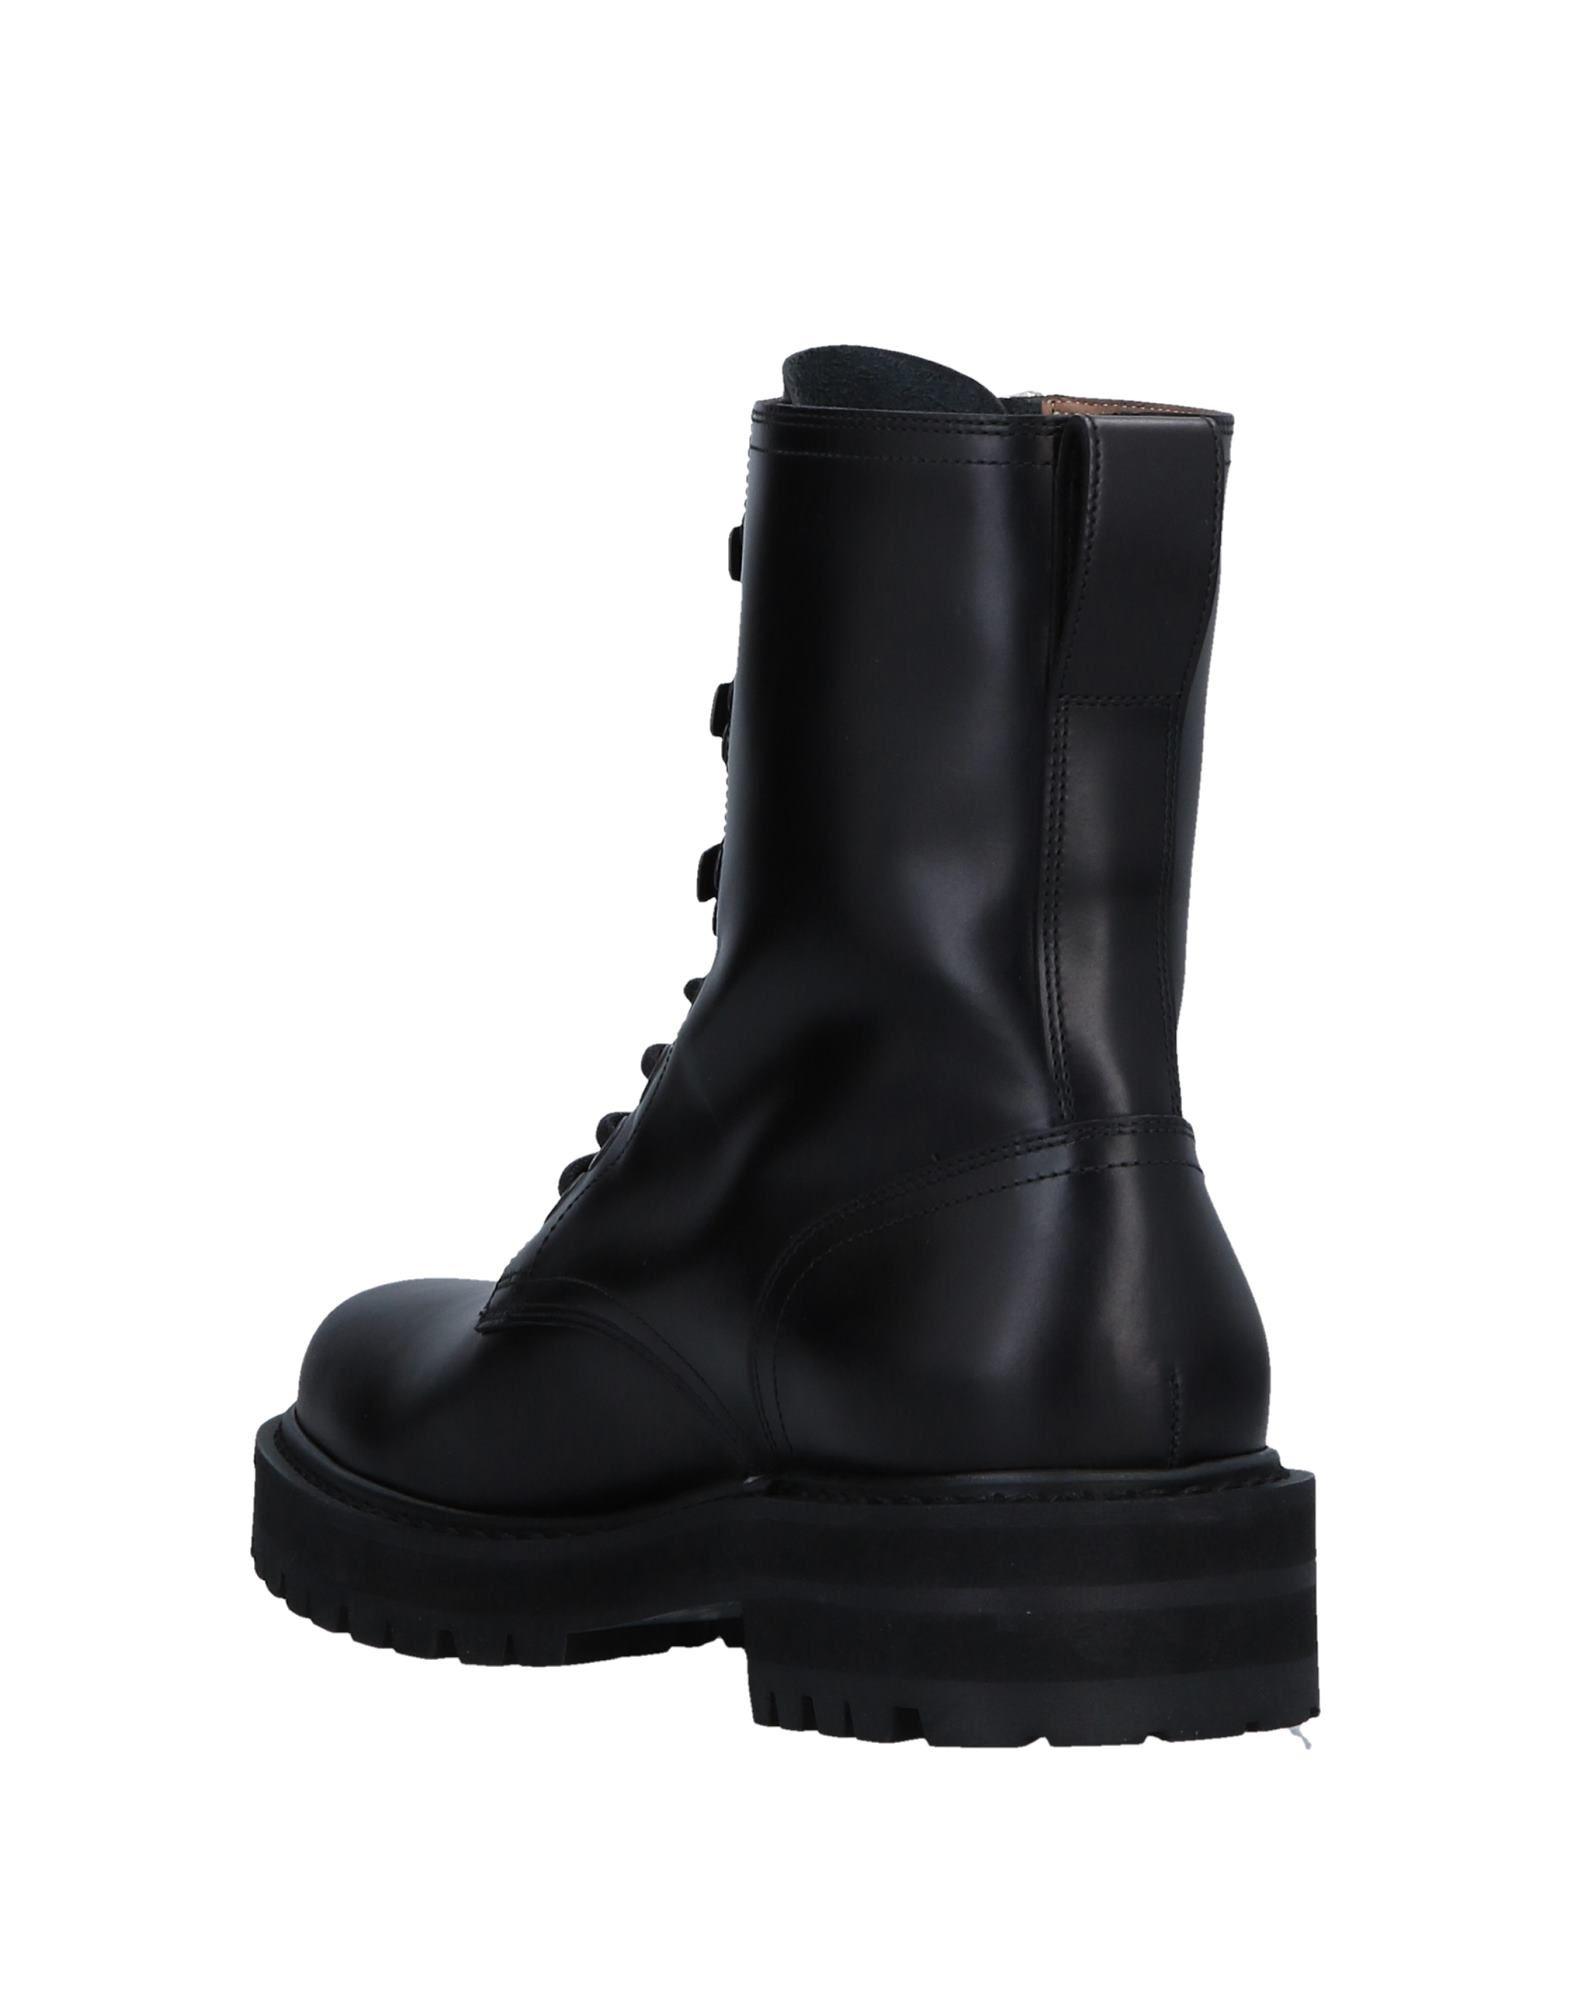 Dries Van Noten Stiefelette beliebte Herren  11519145NO Gute Qualität beliebte Stiefelette Schuhe c6e4c6